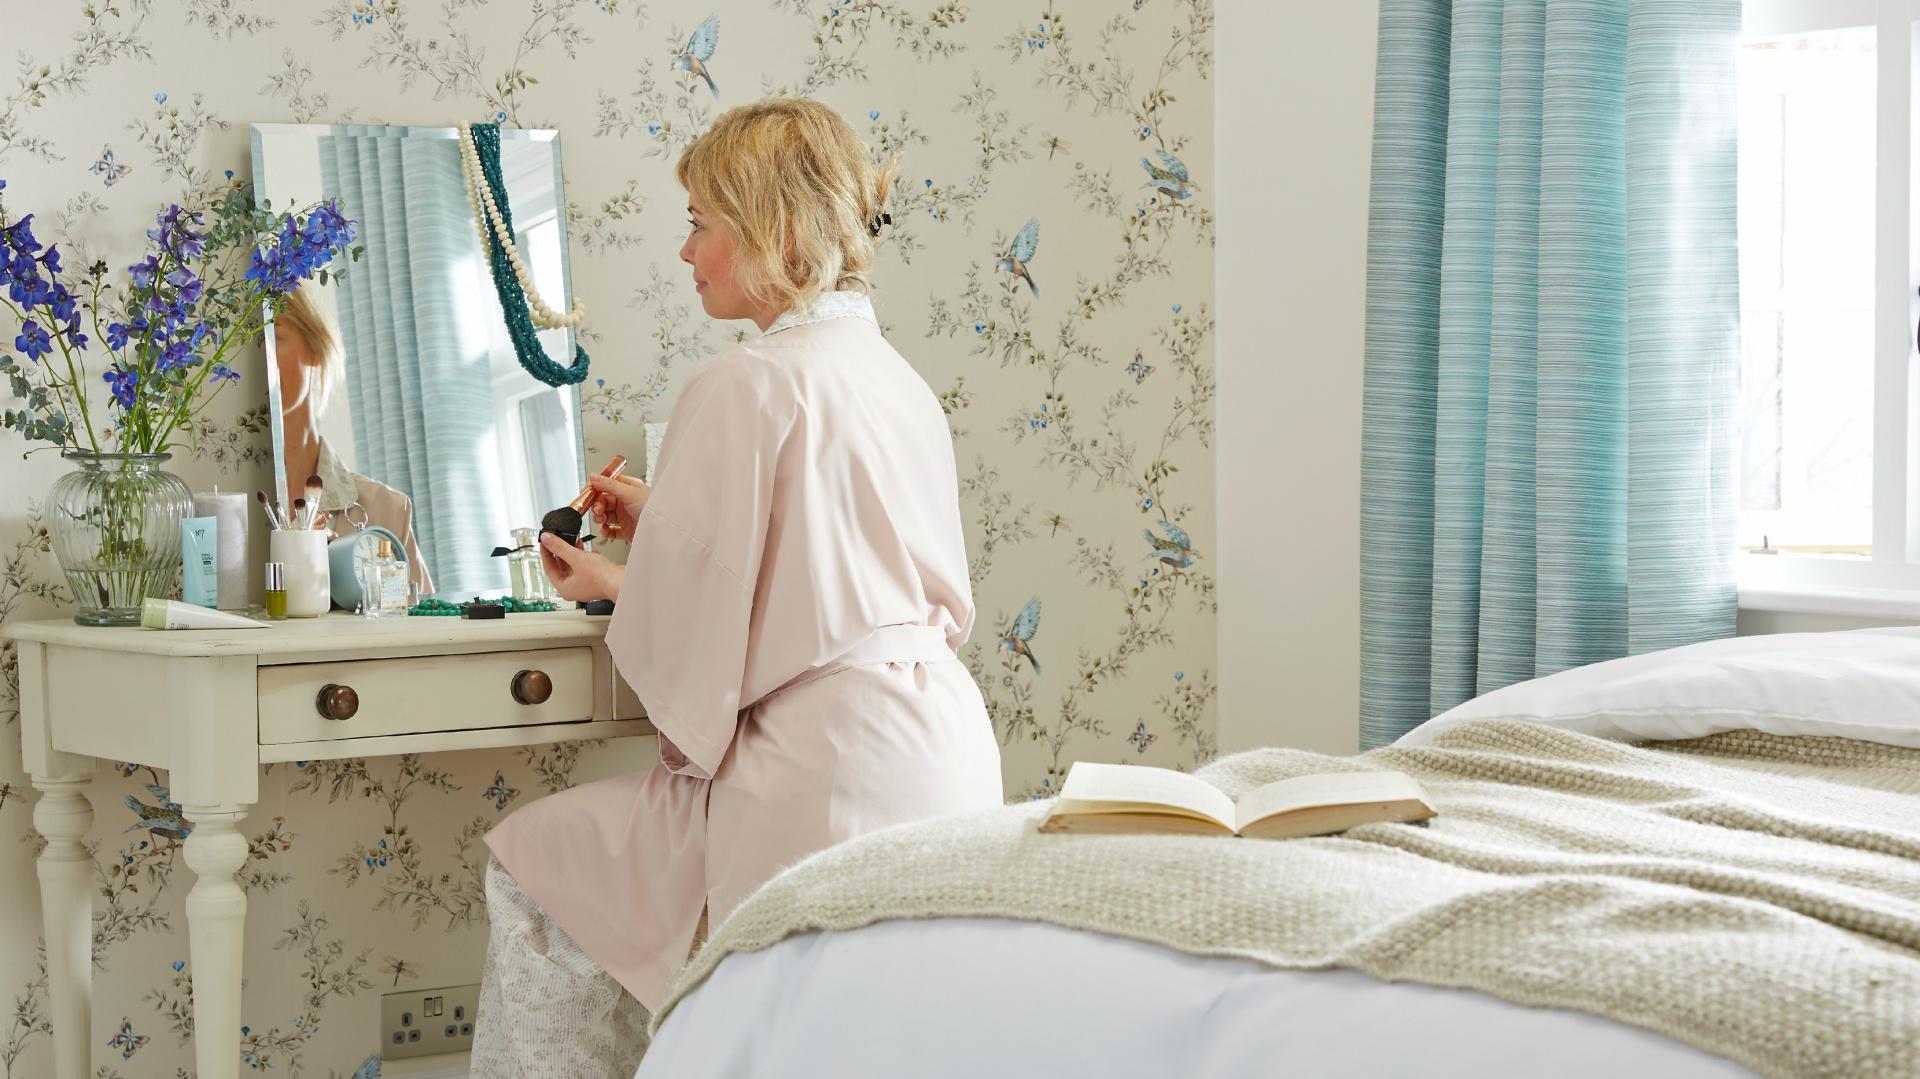 Toaletka to niezwykle praktyczny element wyposażenia sypialni, dedykowany kobietom. Skupia w jednym miejscu kosmetyki oraz biżuterię, a także pozwala szybko poprawić wygląd, zanim zobaczą nas domownicy. Fot. B&Q.